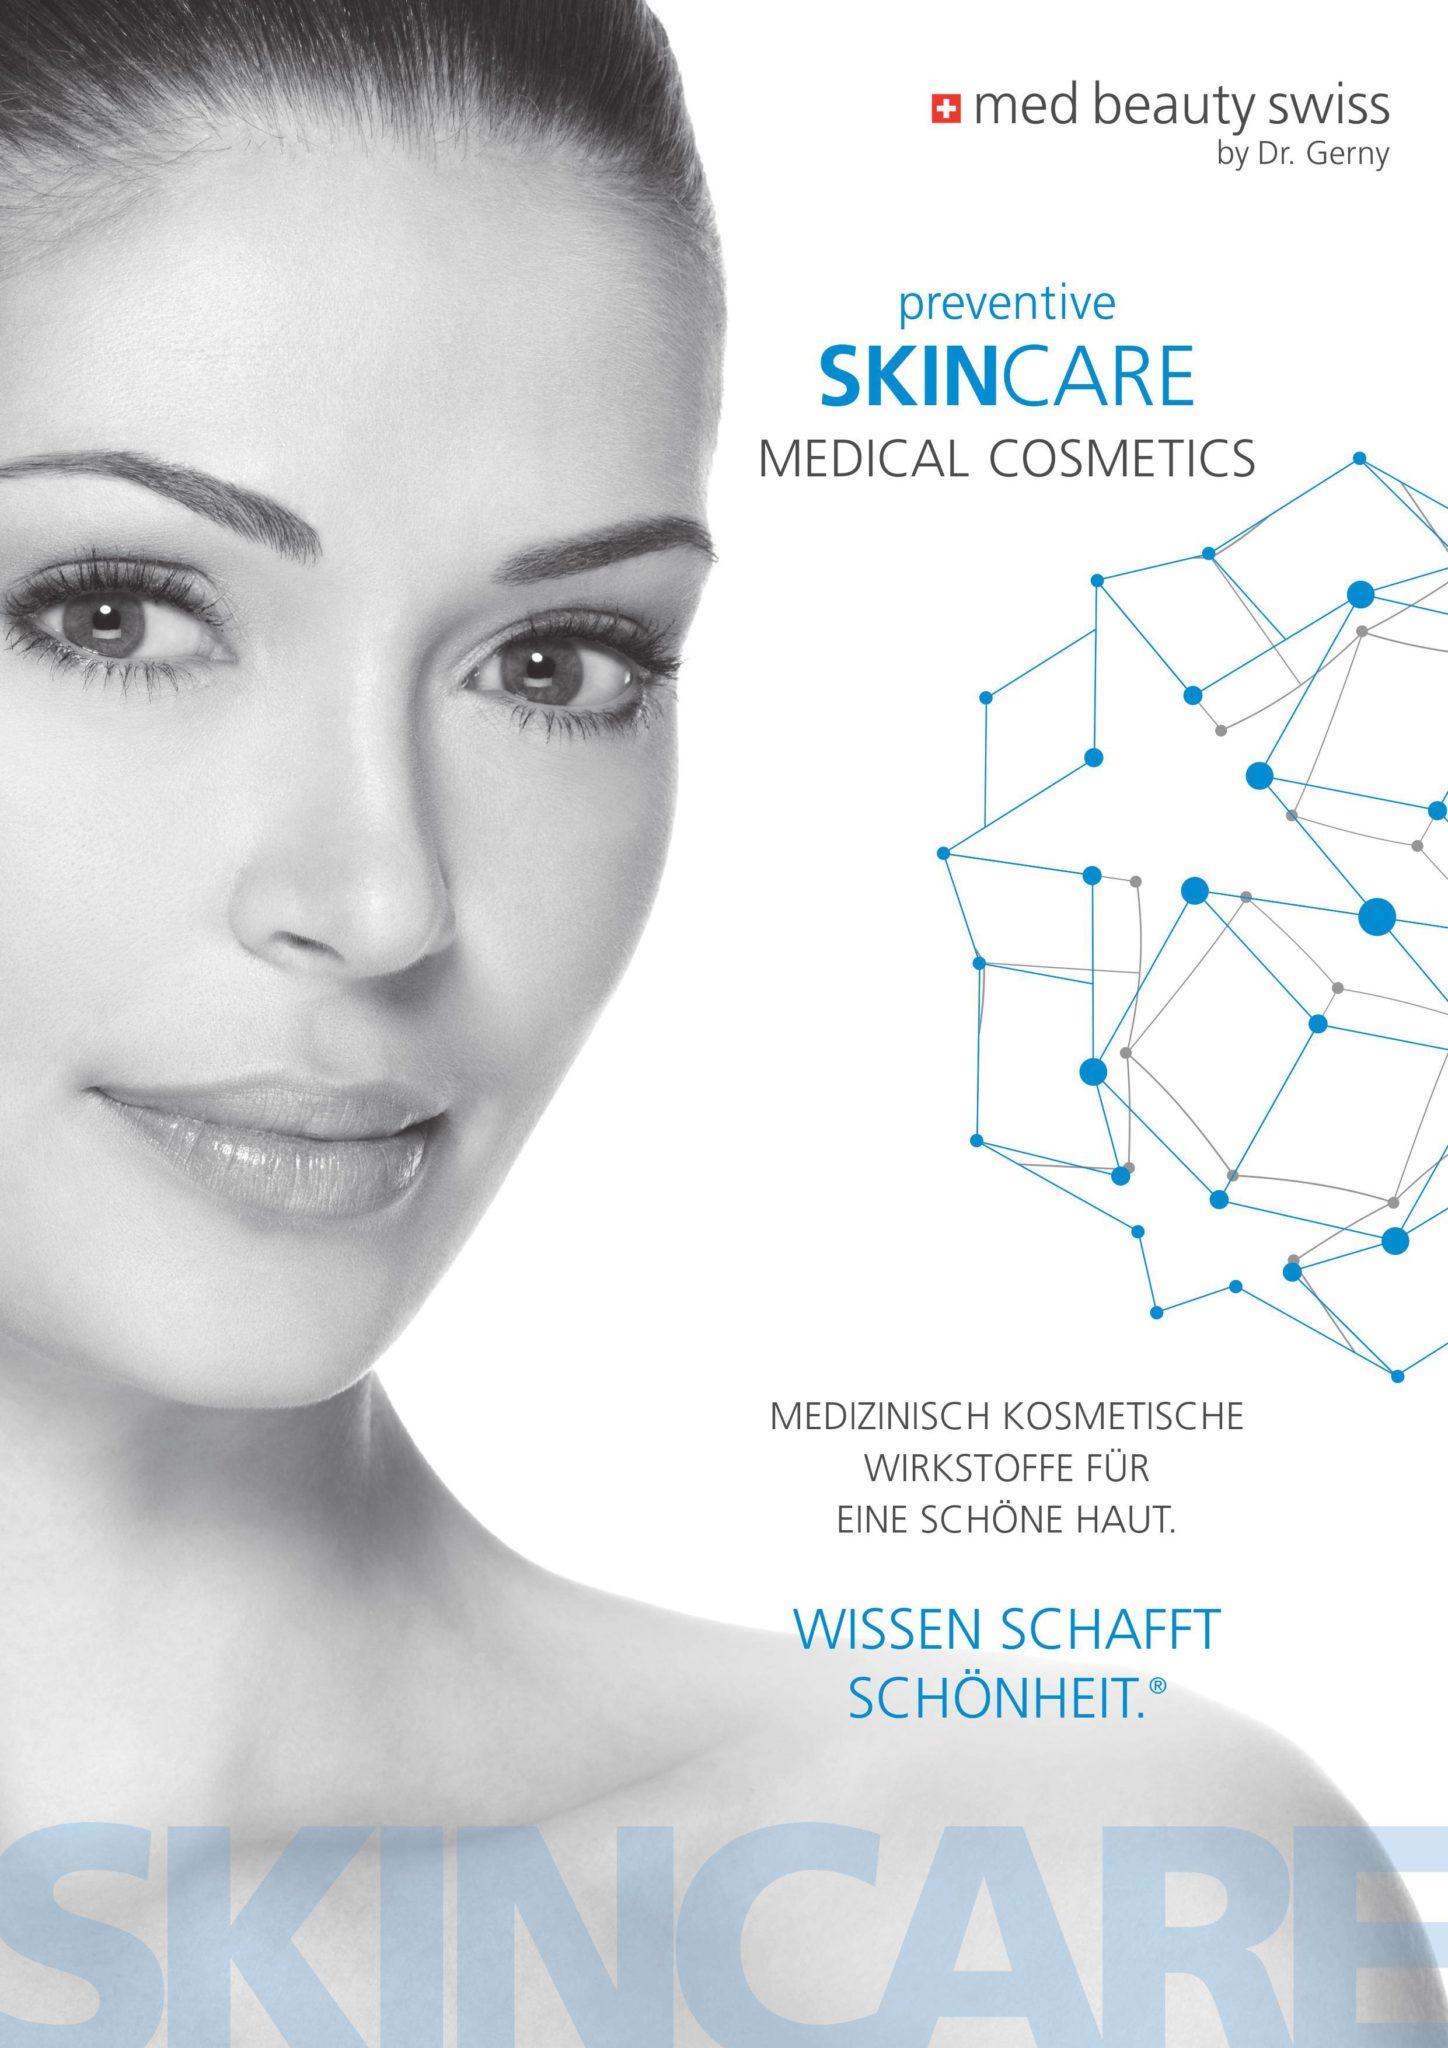 Preventive SkinCare